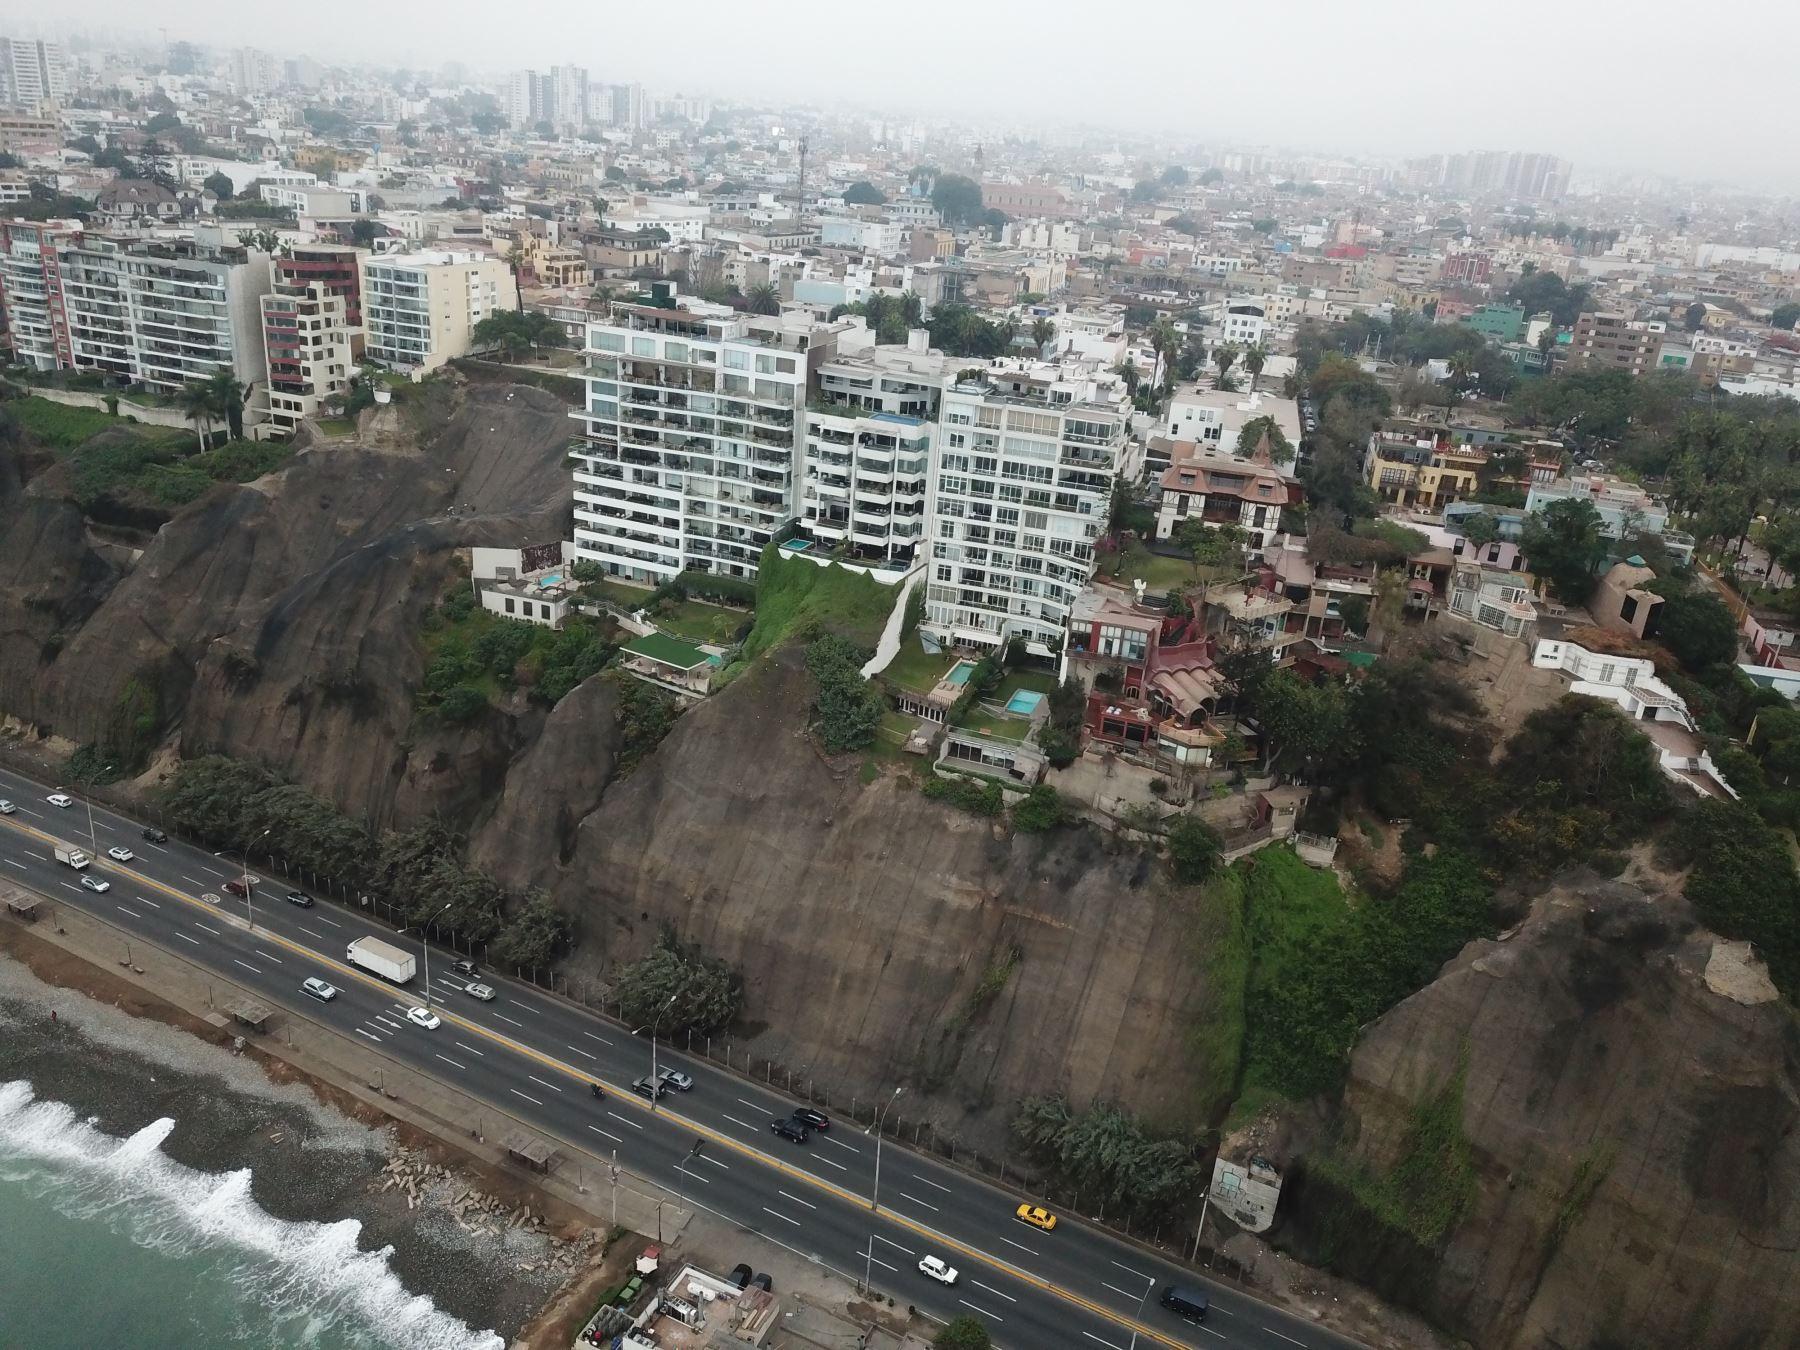 La costa central del Perú, la zona de Nazca y la franja costera ubicada en Moquegua y Tacna son las tres áreas de mayor riesgo en el país, indica Tavera. Foto: ANDINA/Juan Carlos Guzmán